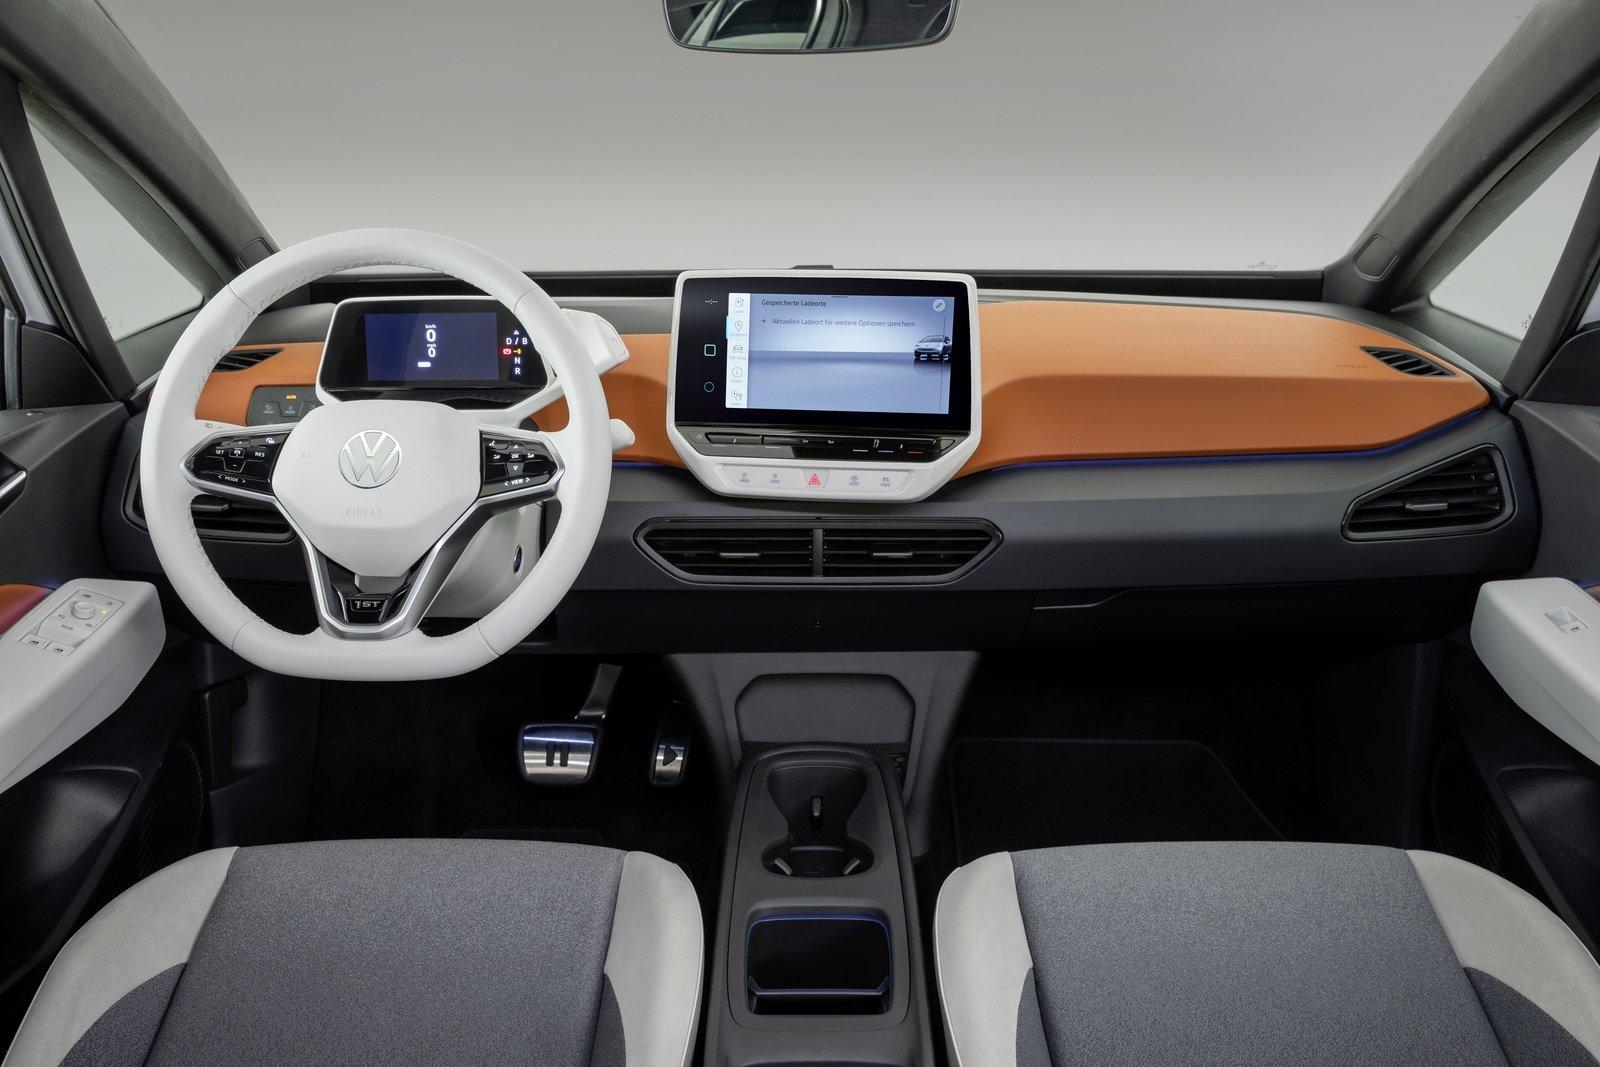 2020-volkswagen-id-3-18_1600x0w